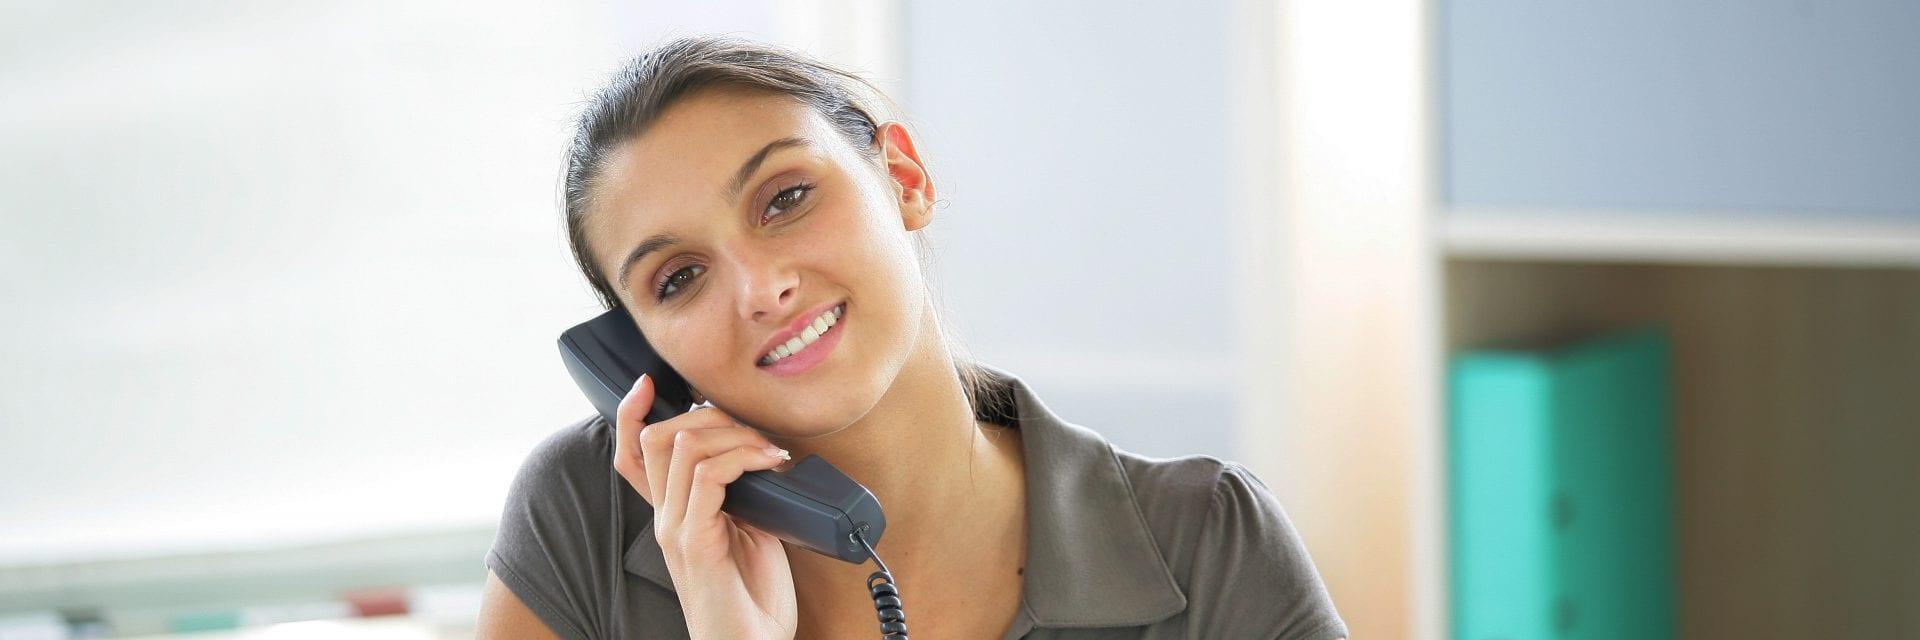 Secretaresse aan de telefoon